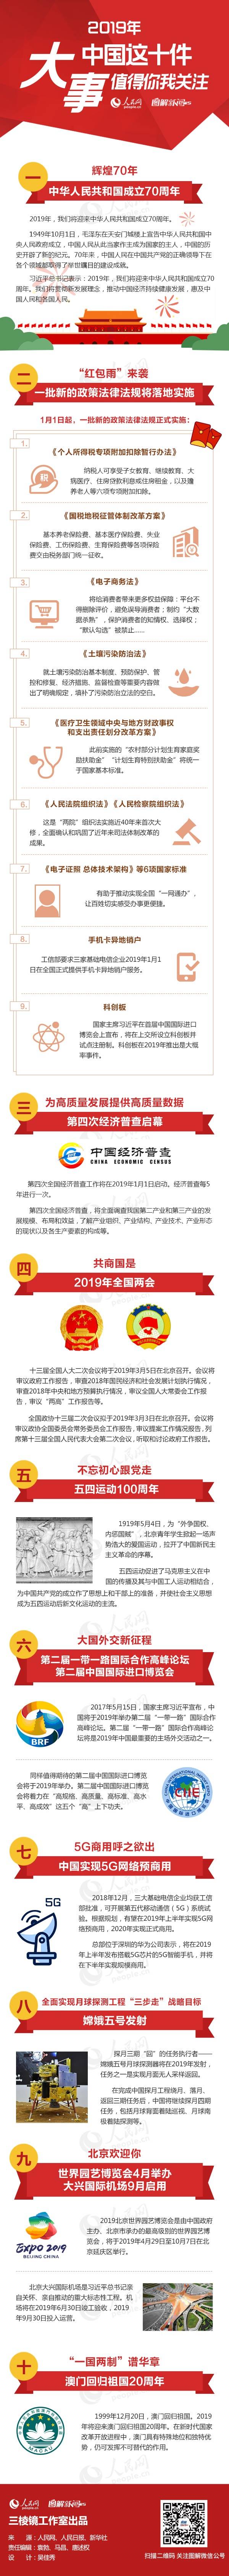 2019年中国值得关注的十件大事